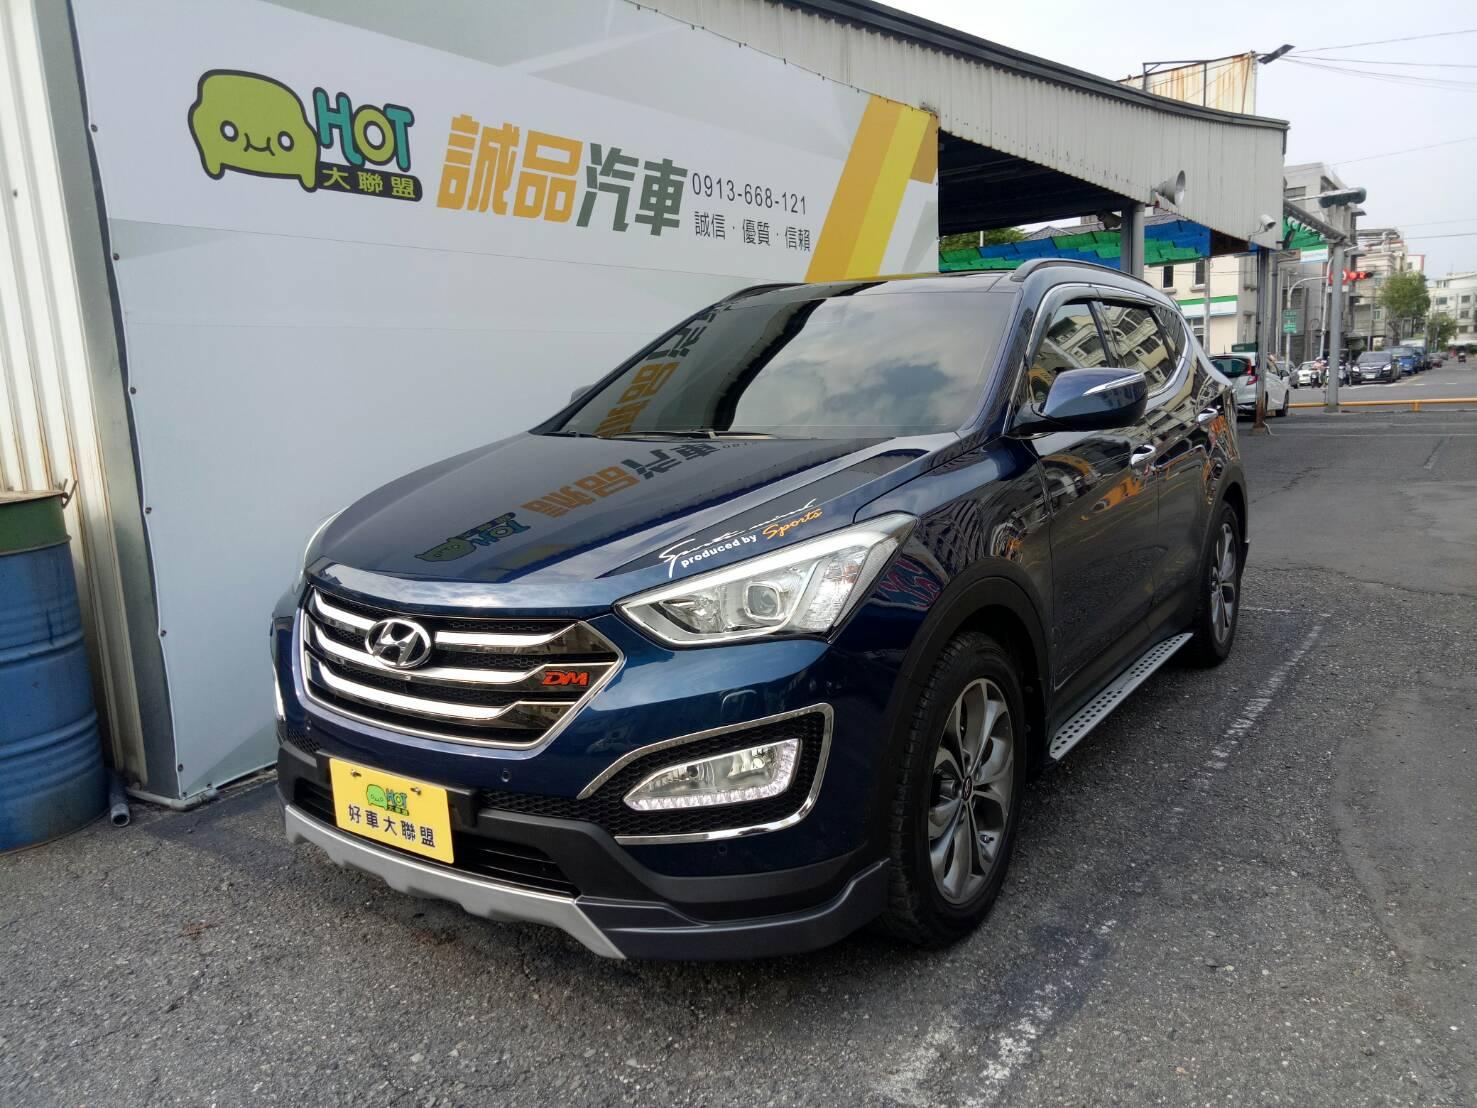 2017 Hyundai 現代 Santa fe